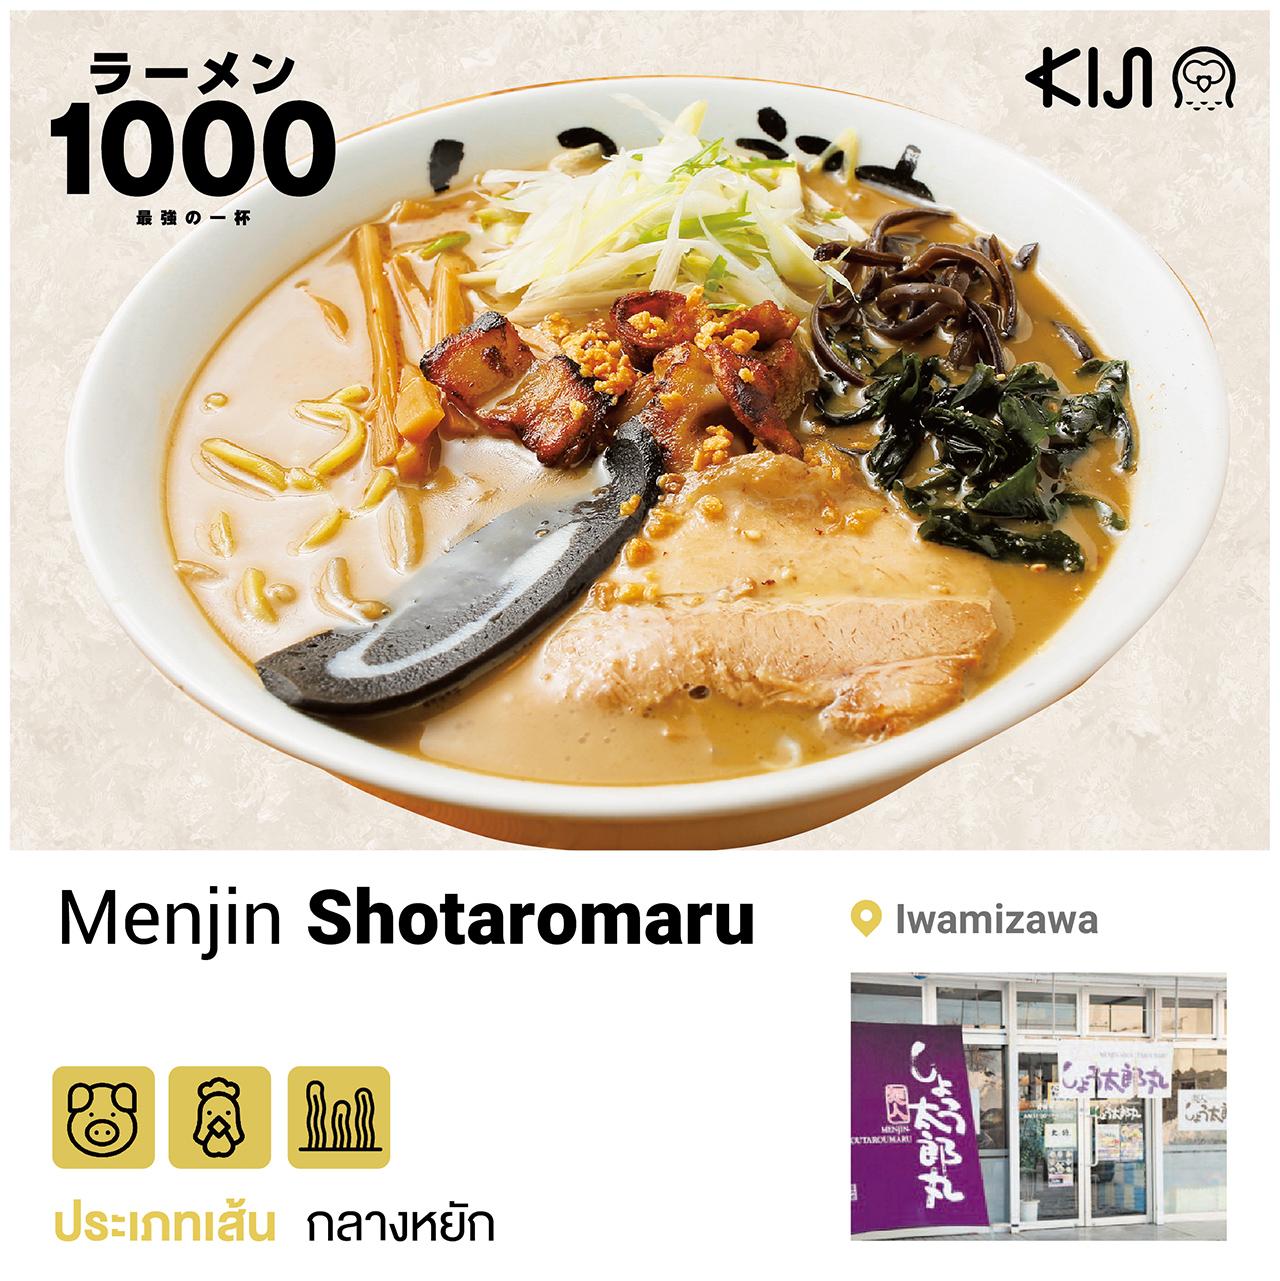 ร้านราเมนในฮอกไกโด - Menjin Shotaromaru